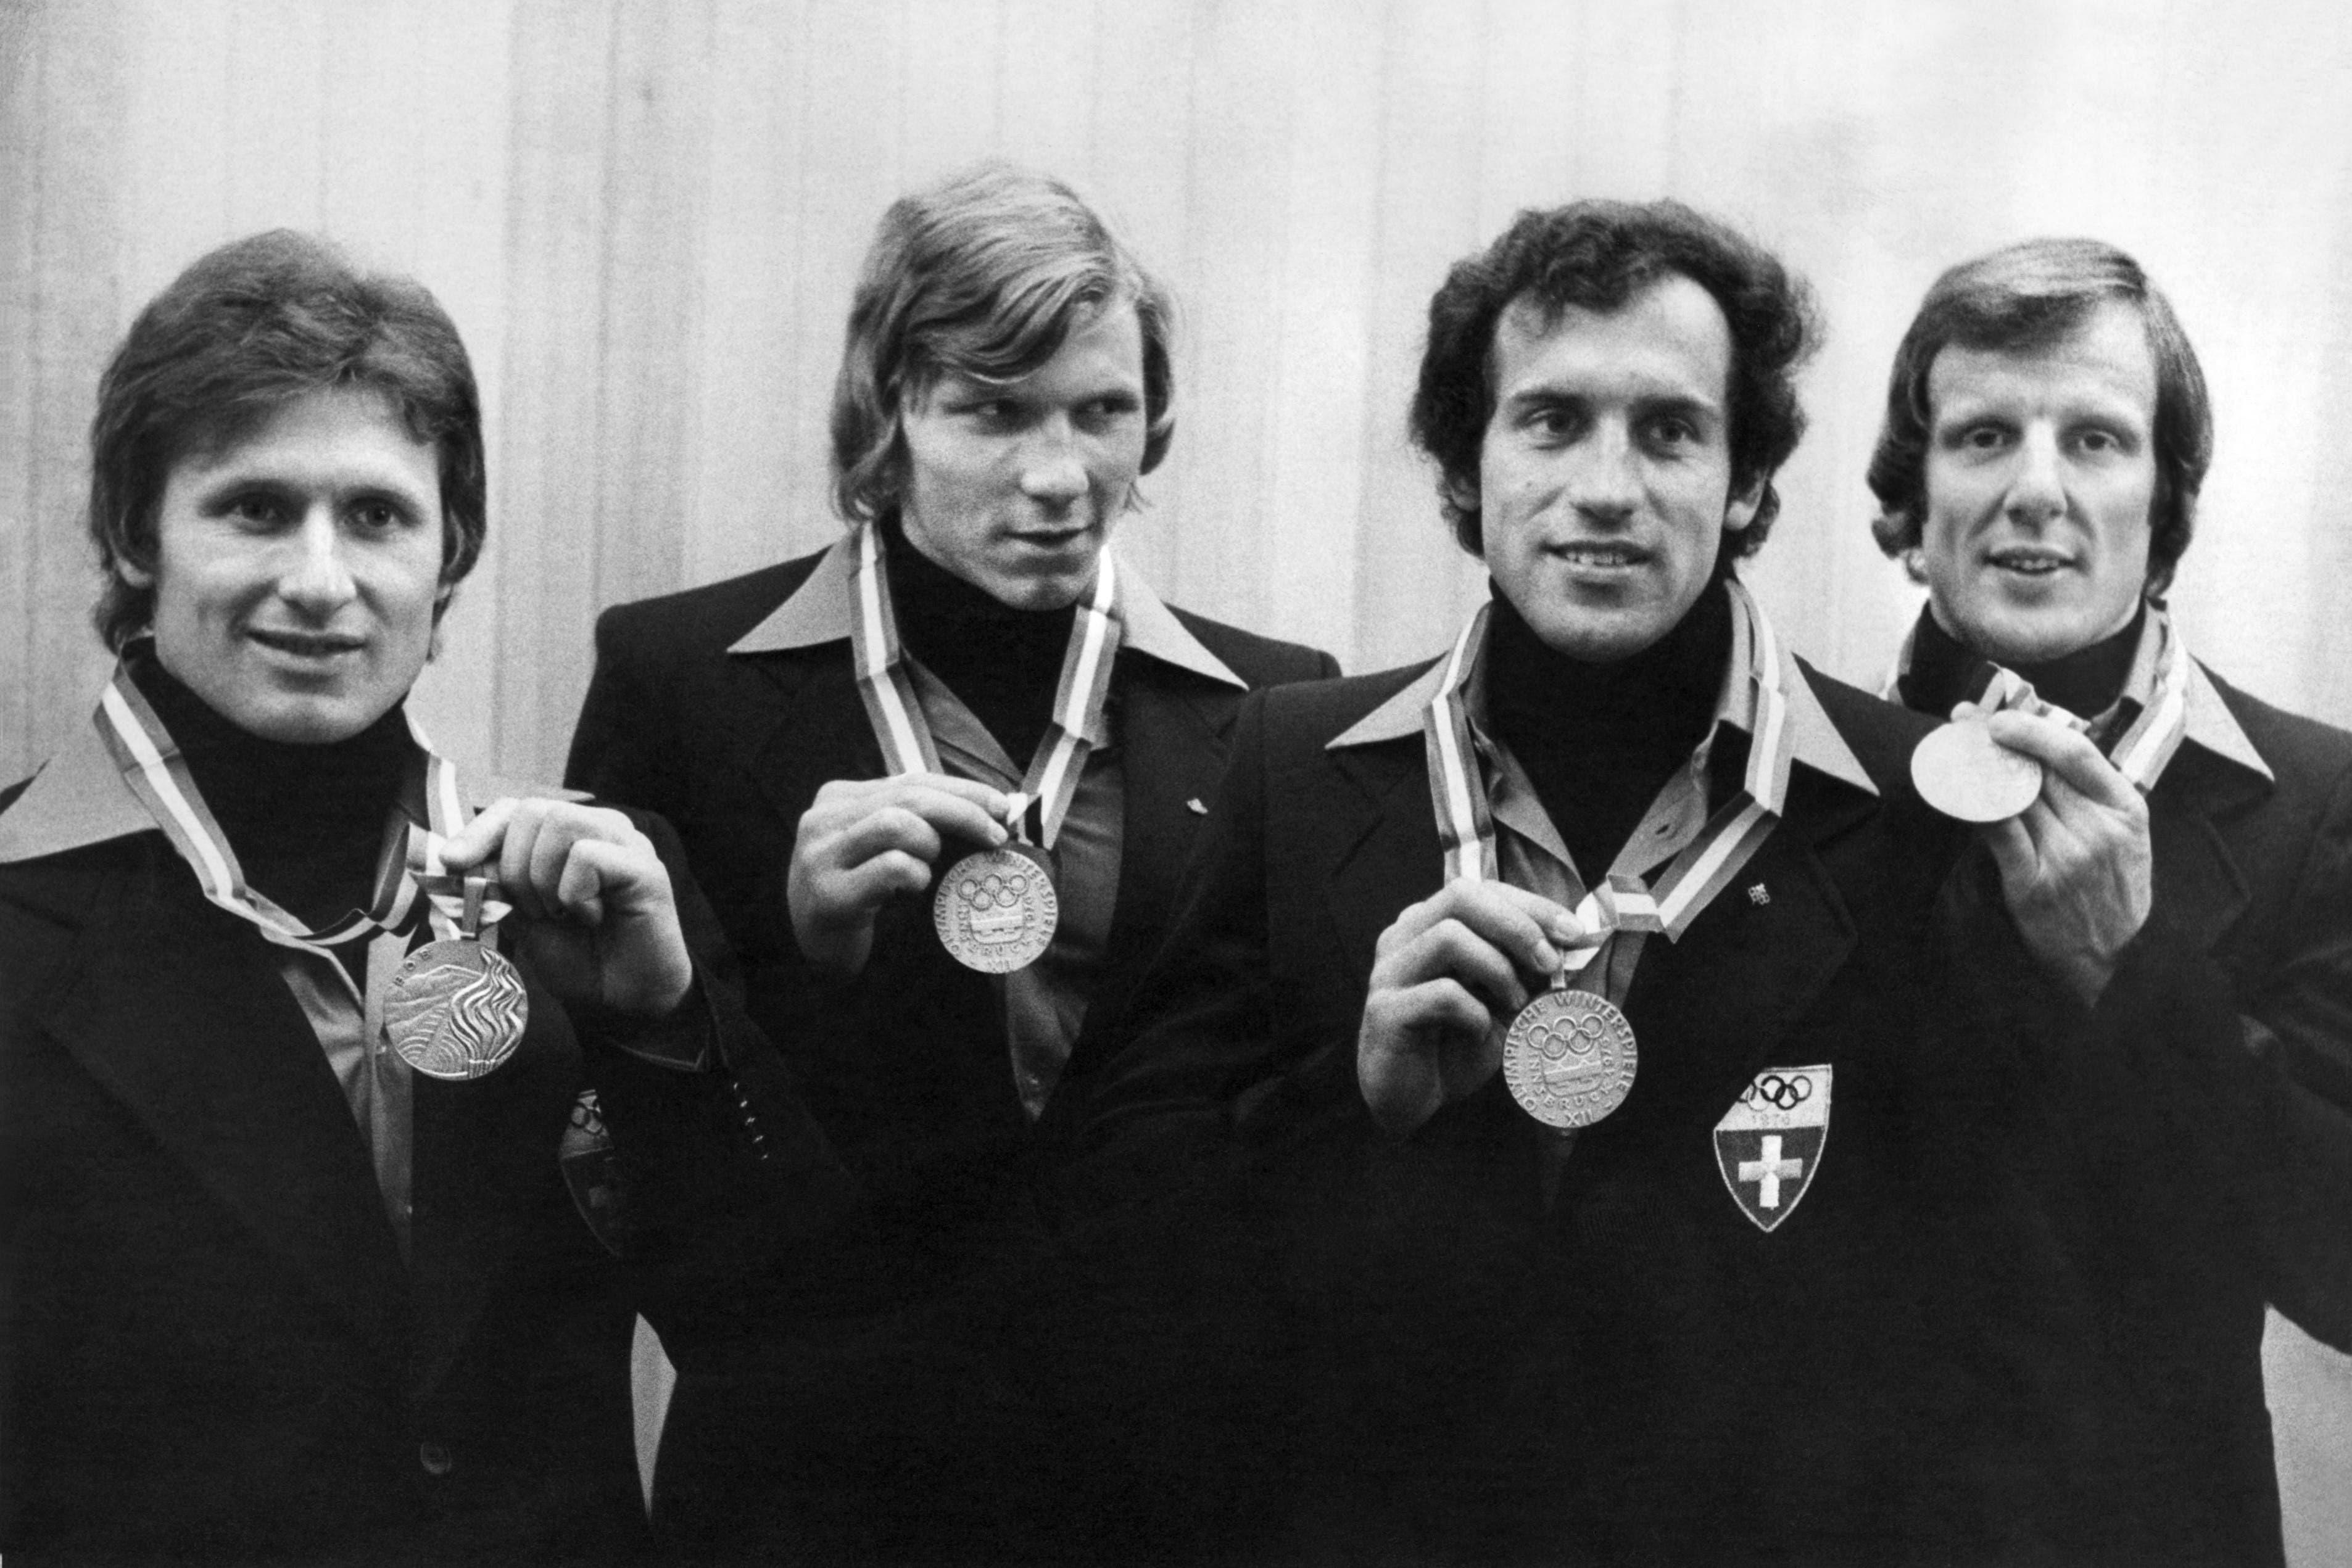 Sie holten an den olympischen Spielen in Innsbruck Silber im Viererbob die Silbermedaille. (v.l.) Pilot Erich Schärer, Ueli Bächli, Rudolf Marti und Bremser Josef «Sepp» Benz, der vor wenigen Tagen an den Folgen einer Covid-Erkrankung gestorben ist.